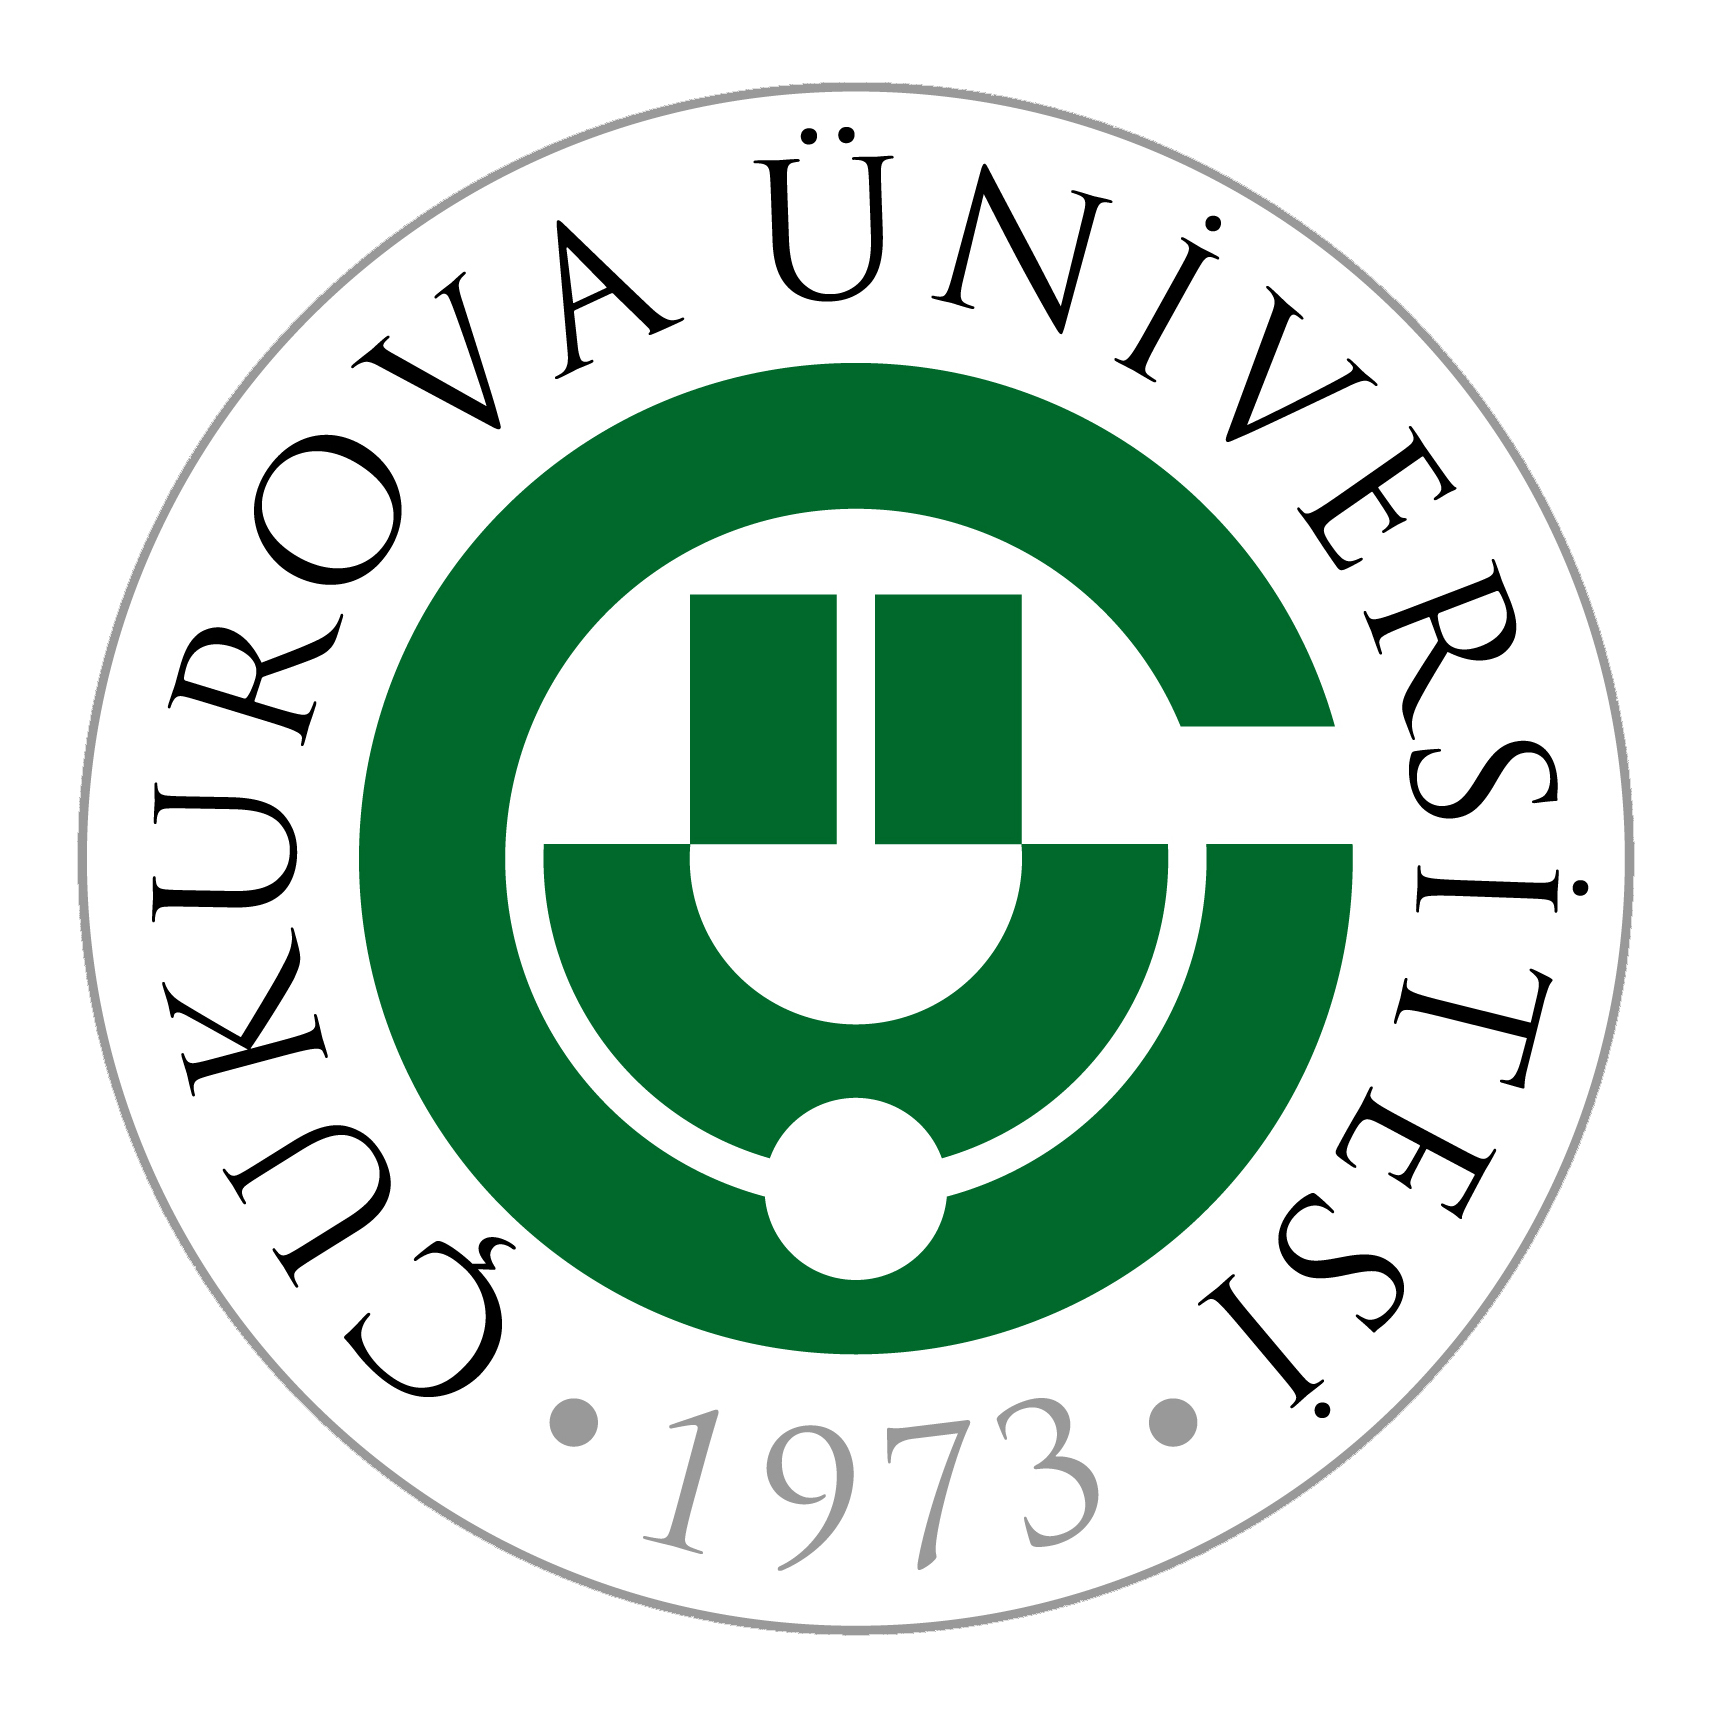 TUAS | CUKUROVA UNIVERSITY